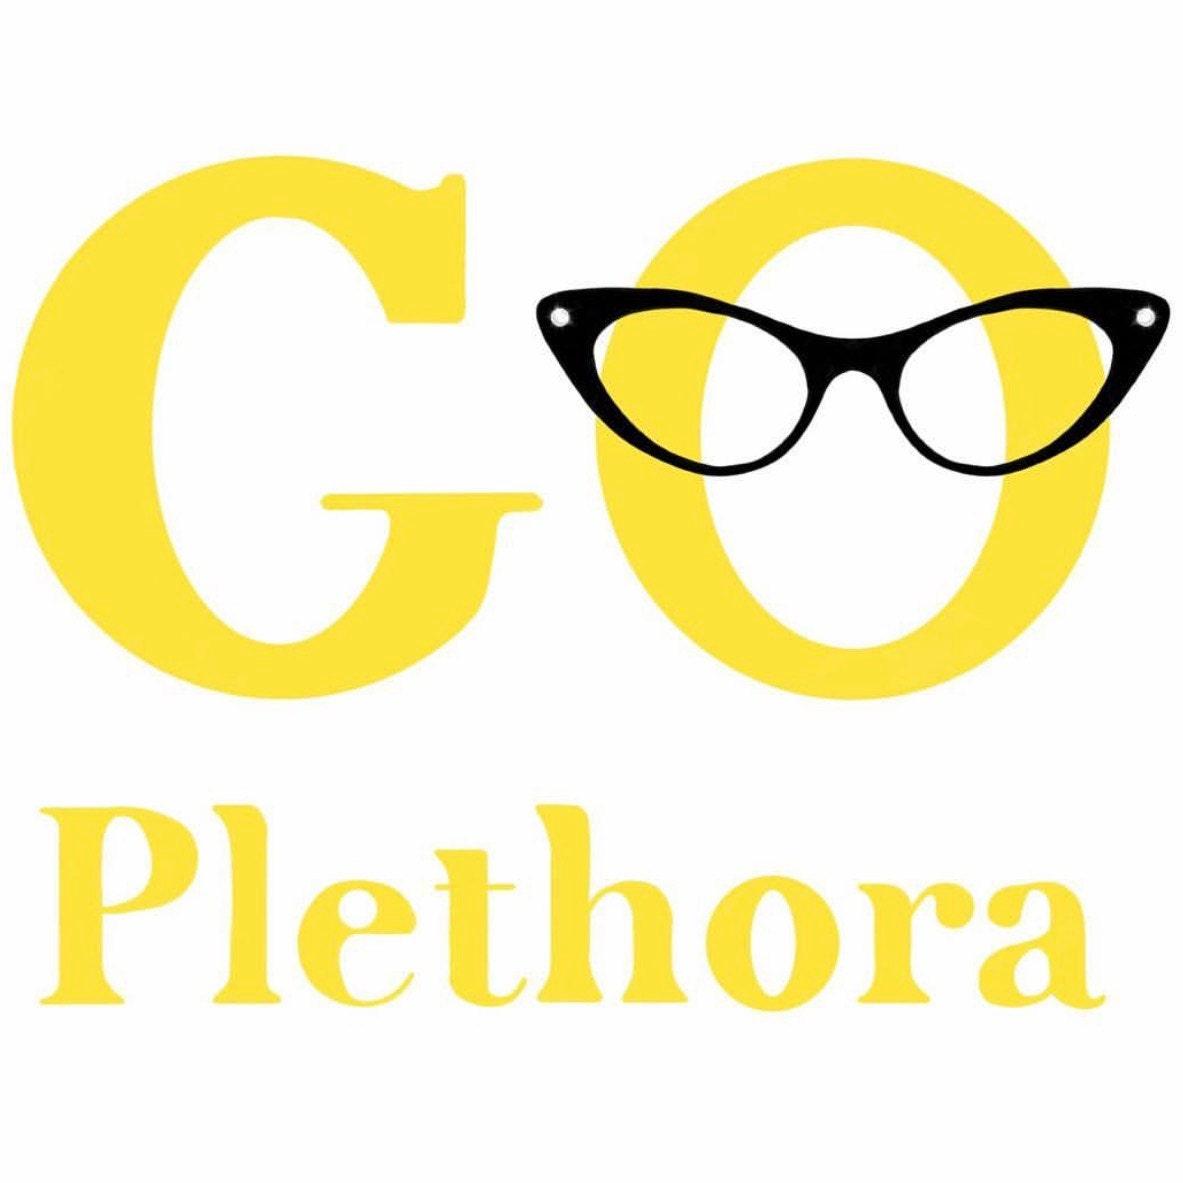 GoPlethora We Have A Plethora of Antiques by GoPlethora on Etsy